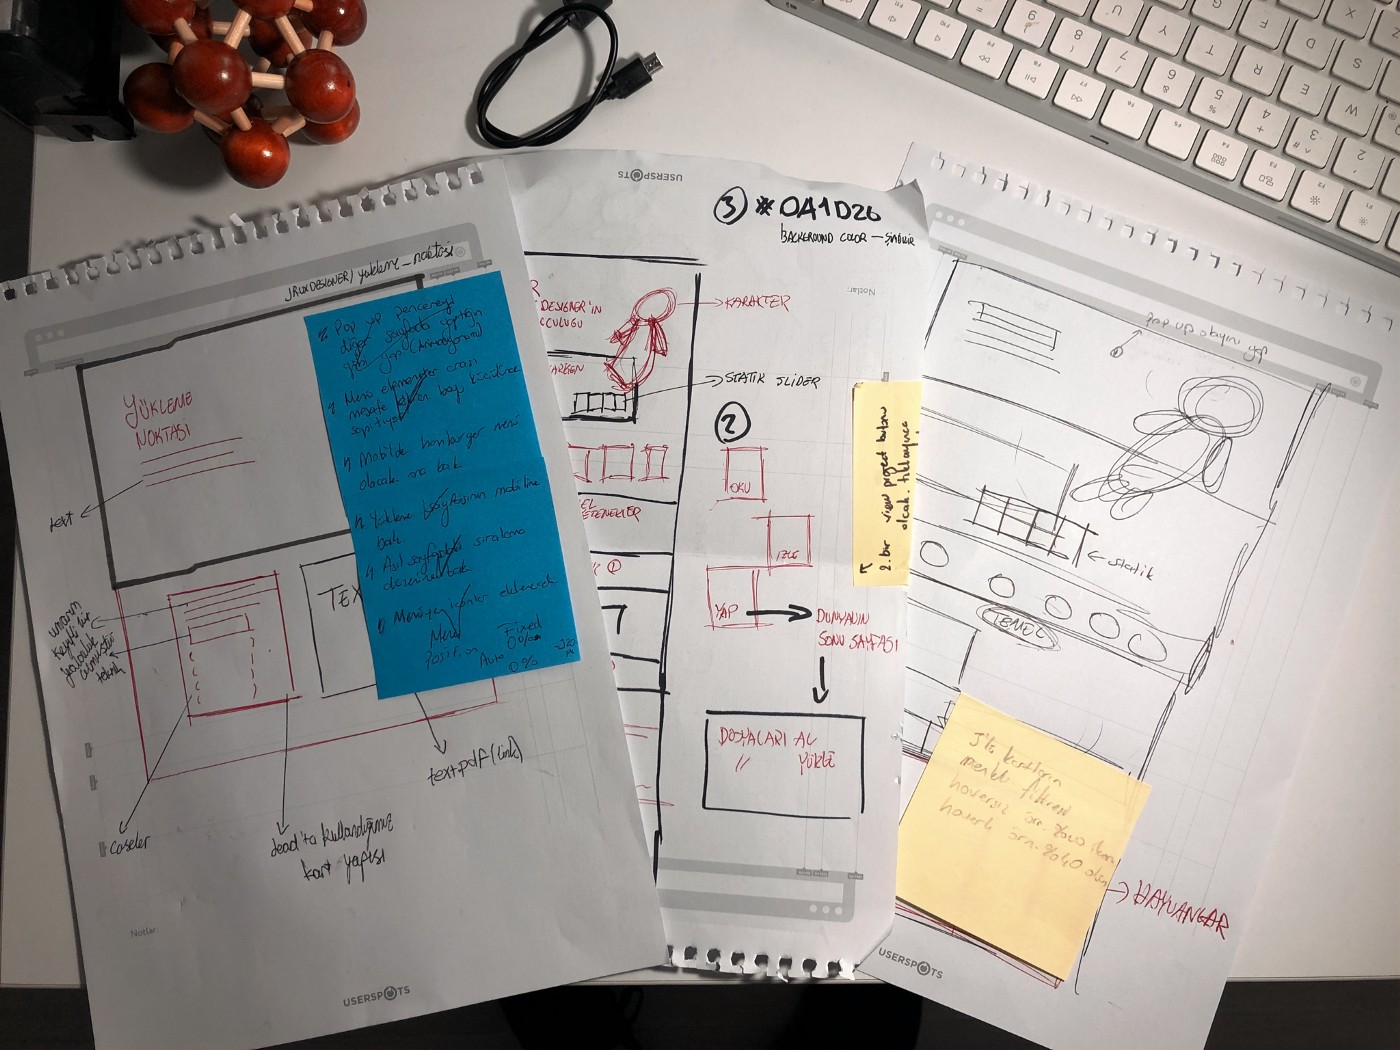 Jr. UX Designer